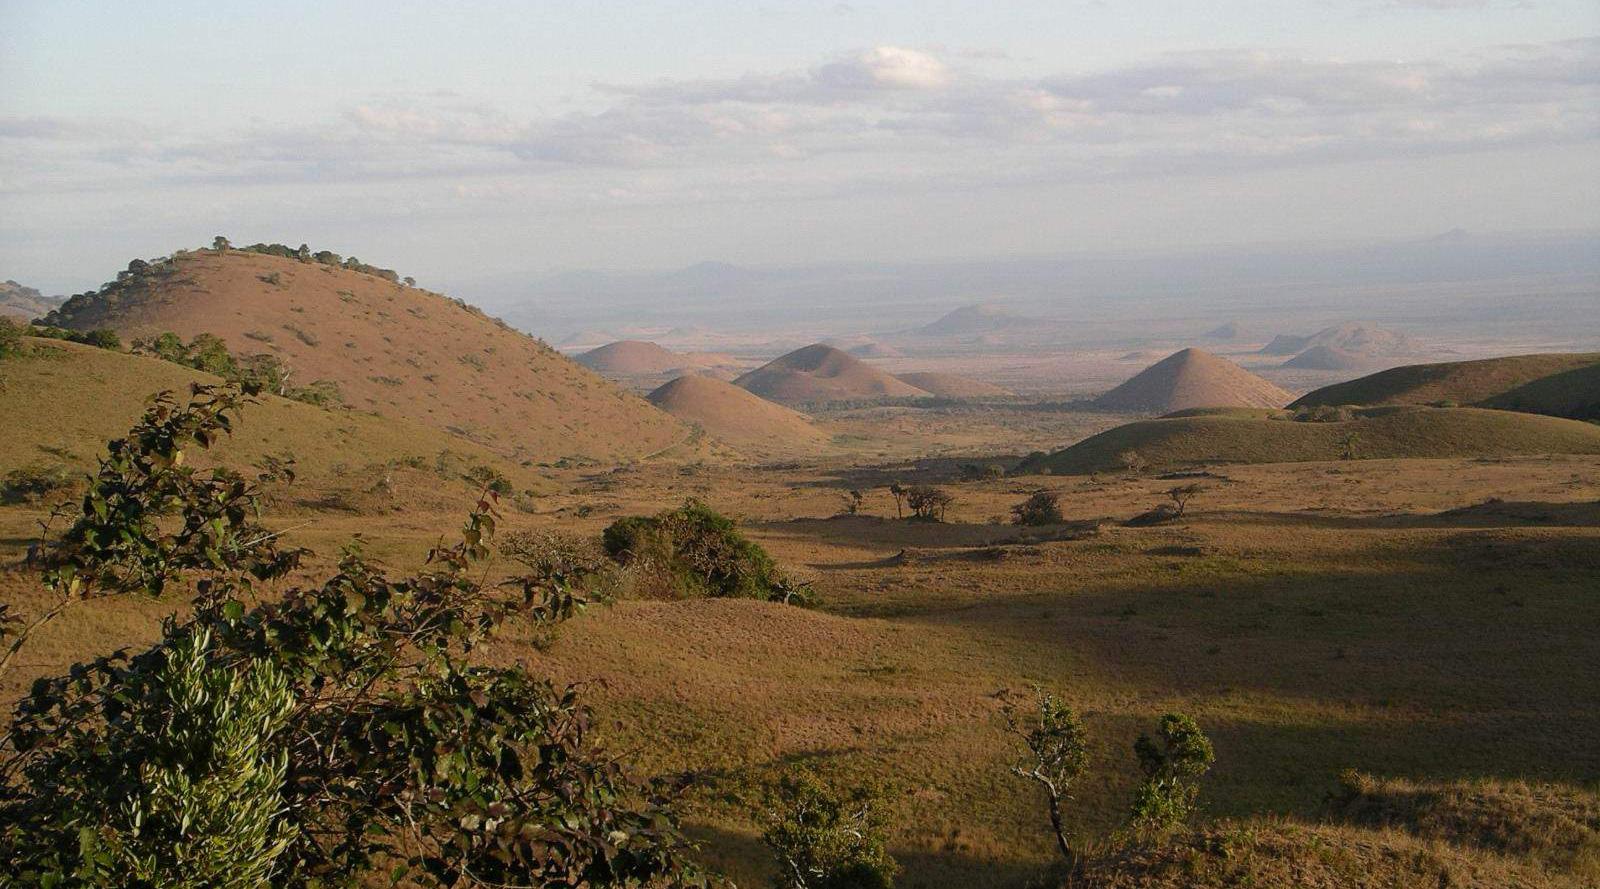 © Campi ya Kanzi | Campi Ya Kanzi, Chyulu Hills